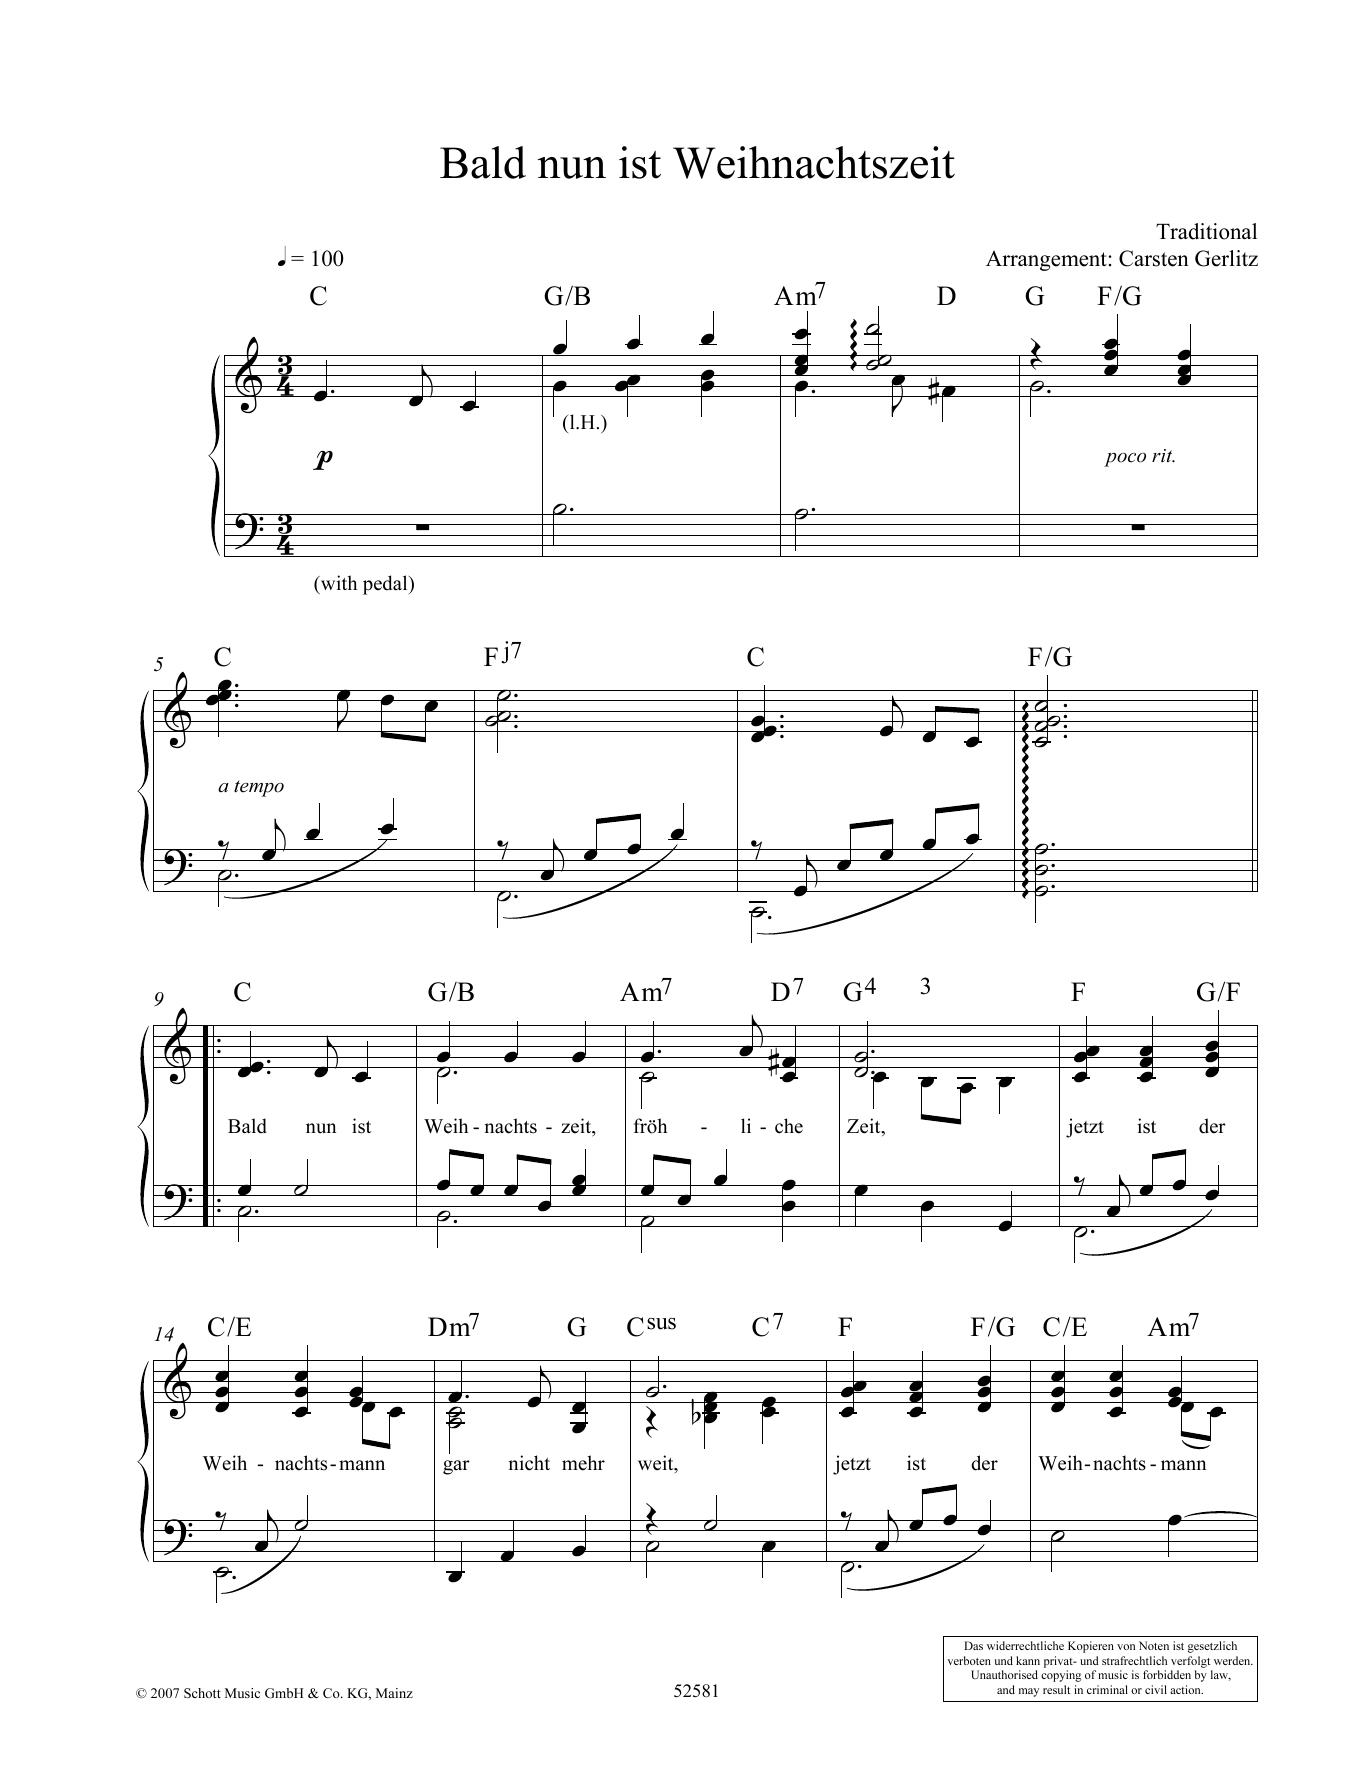 Bald Nun Ist Weihnachtszeit Noten | Carsten Gerlitz | Klavier Solo in Bald Nun Ist Weihnachtszeit Text